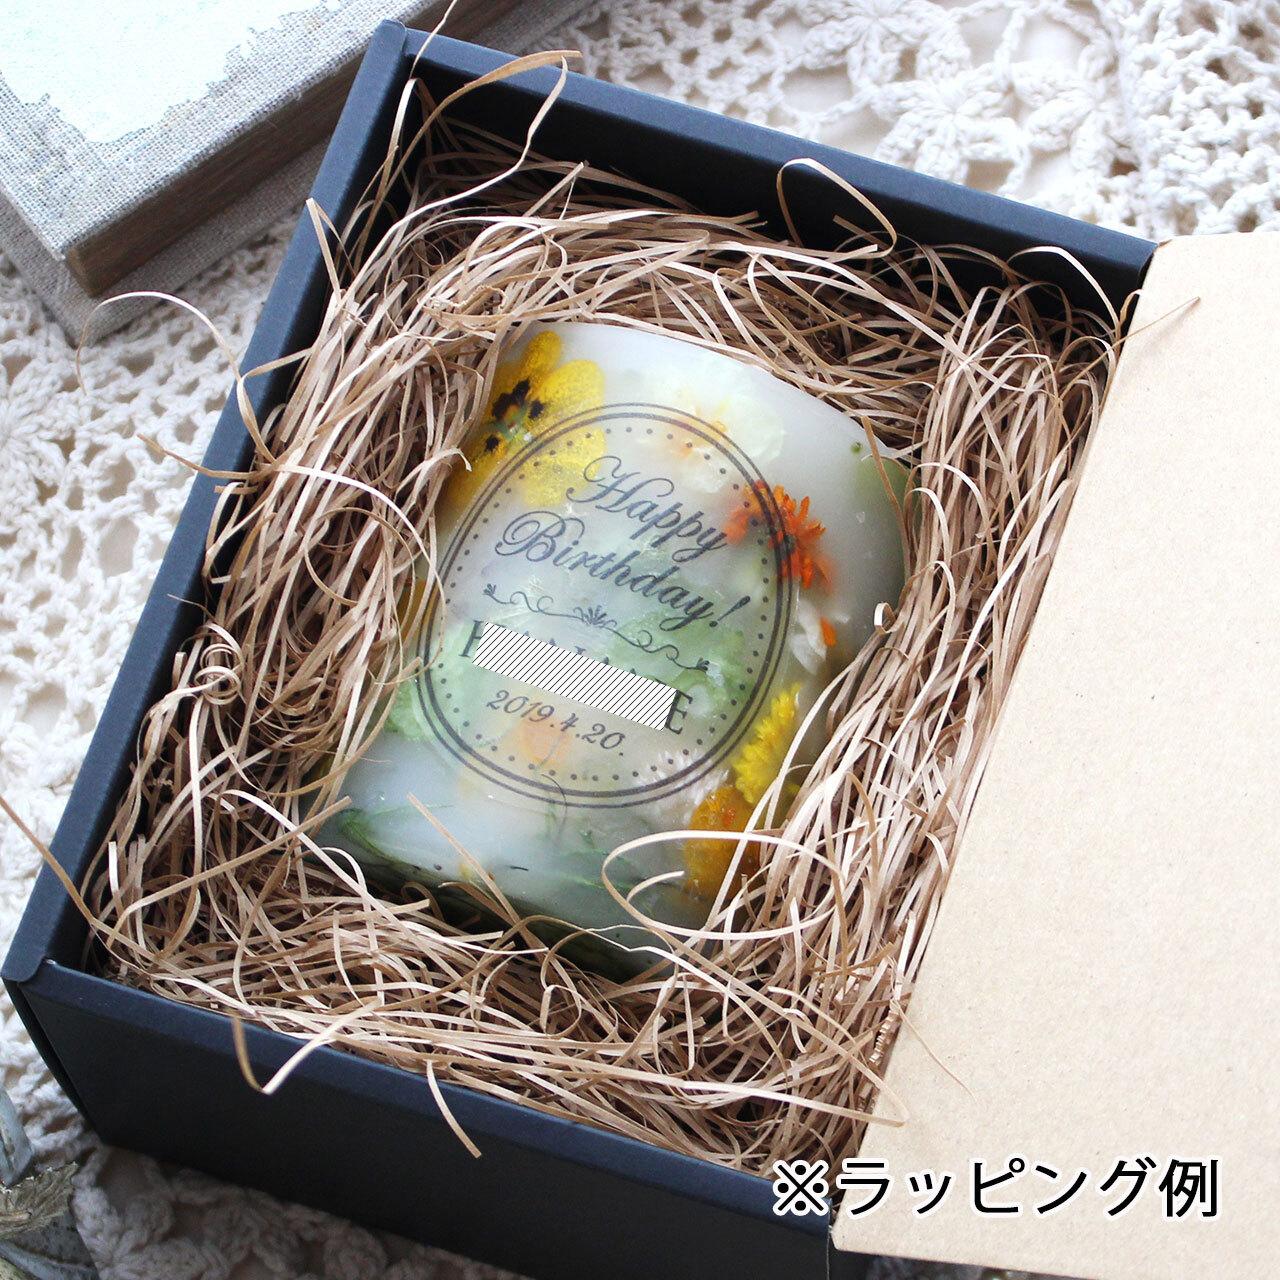 NC294 ギフトラッピング付き☆メッセージ&日付&名入れボタニカルキャンドル ローズ